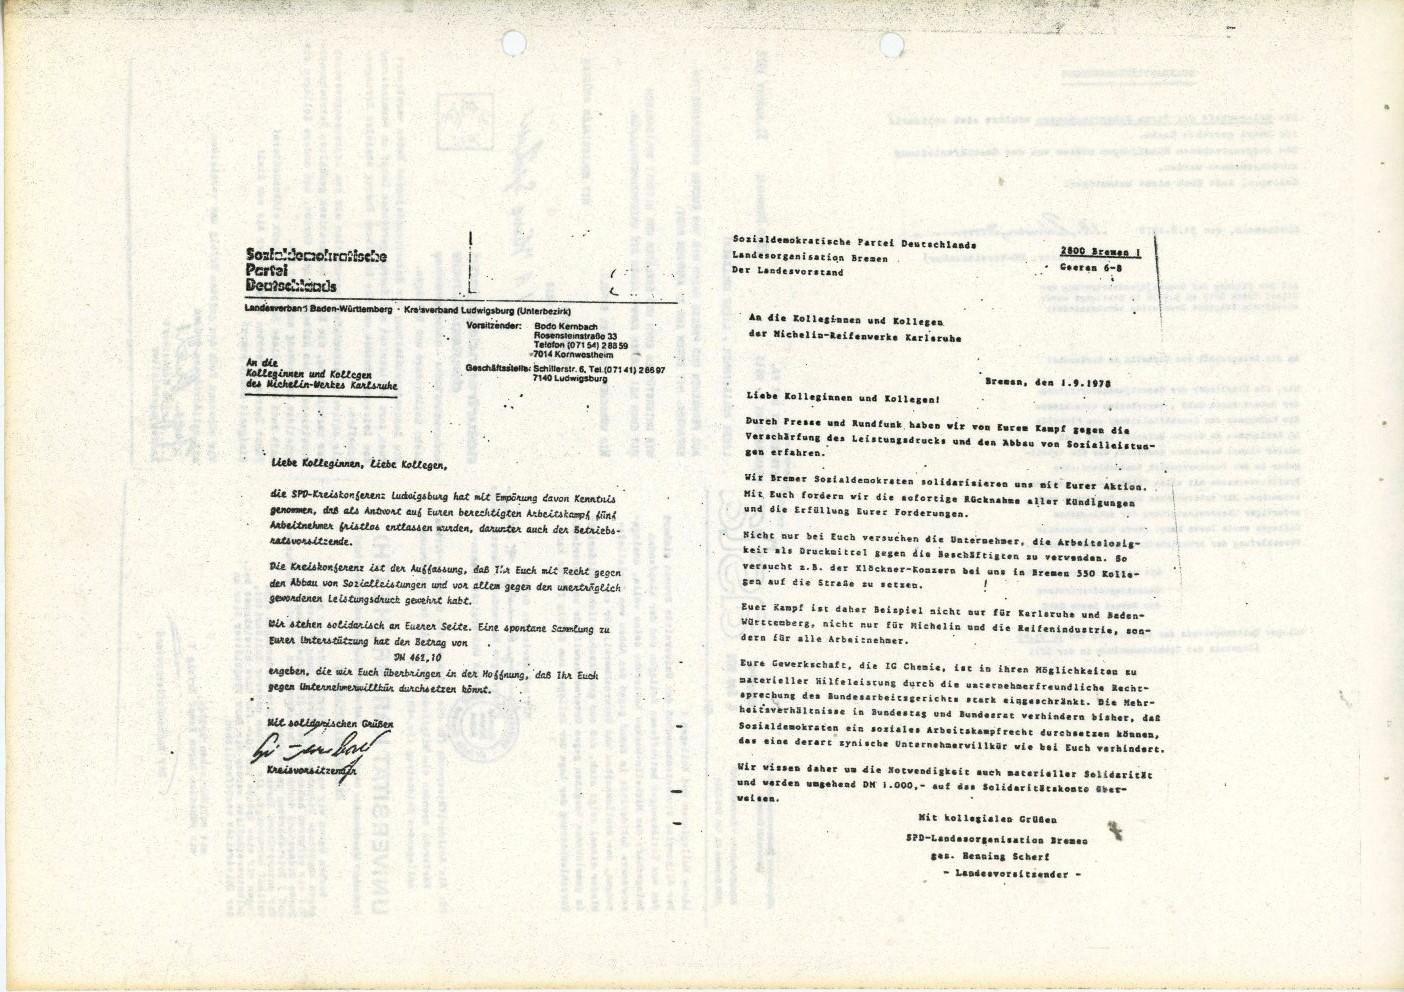 Karlsruhe_Michelin_IGCPK_Doku_zum_Arbeitskonflikt_1978_39